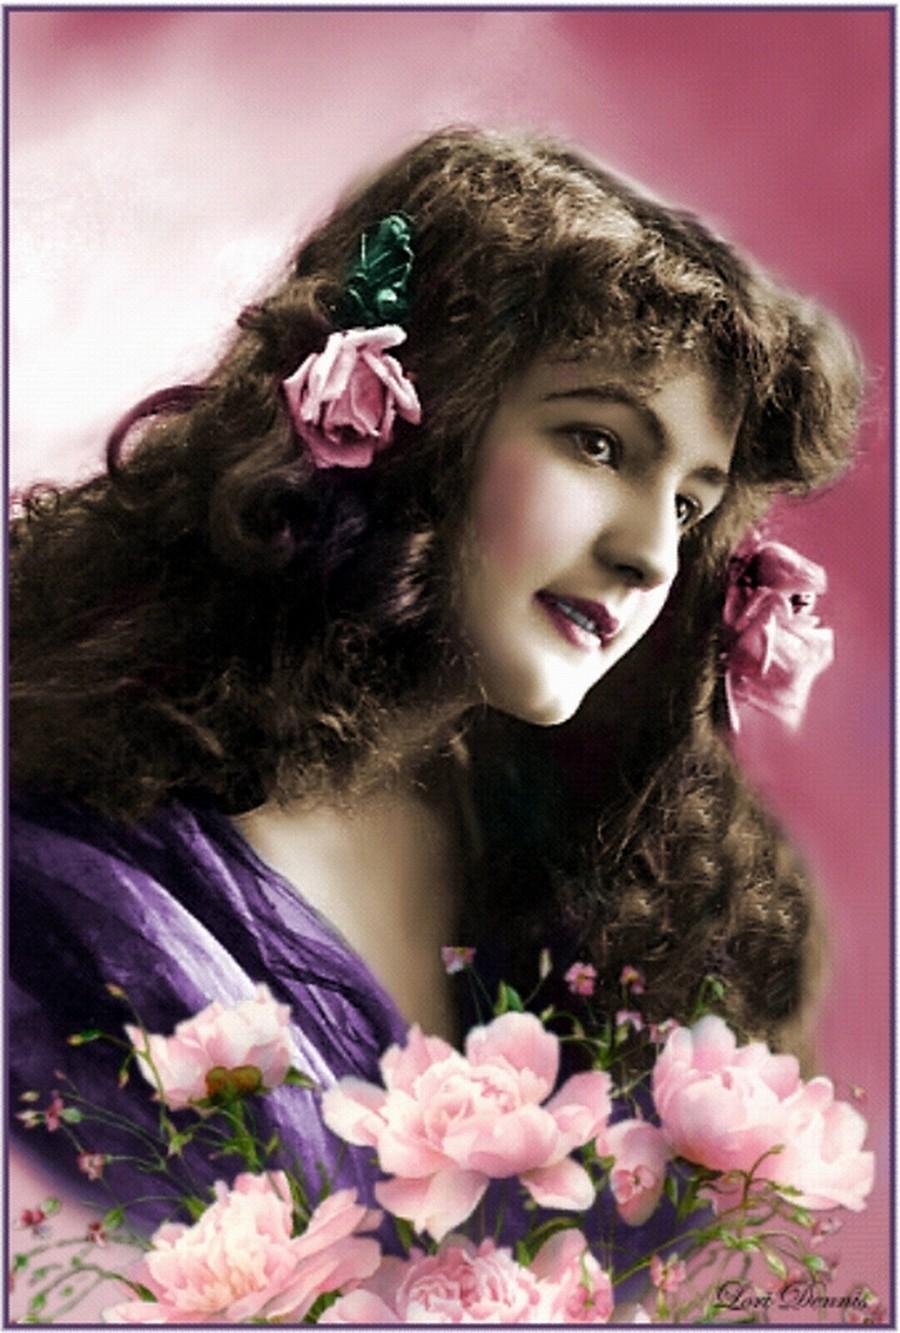 belles images de femme avec fleurs - Page 9